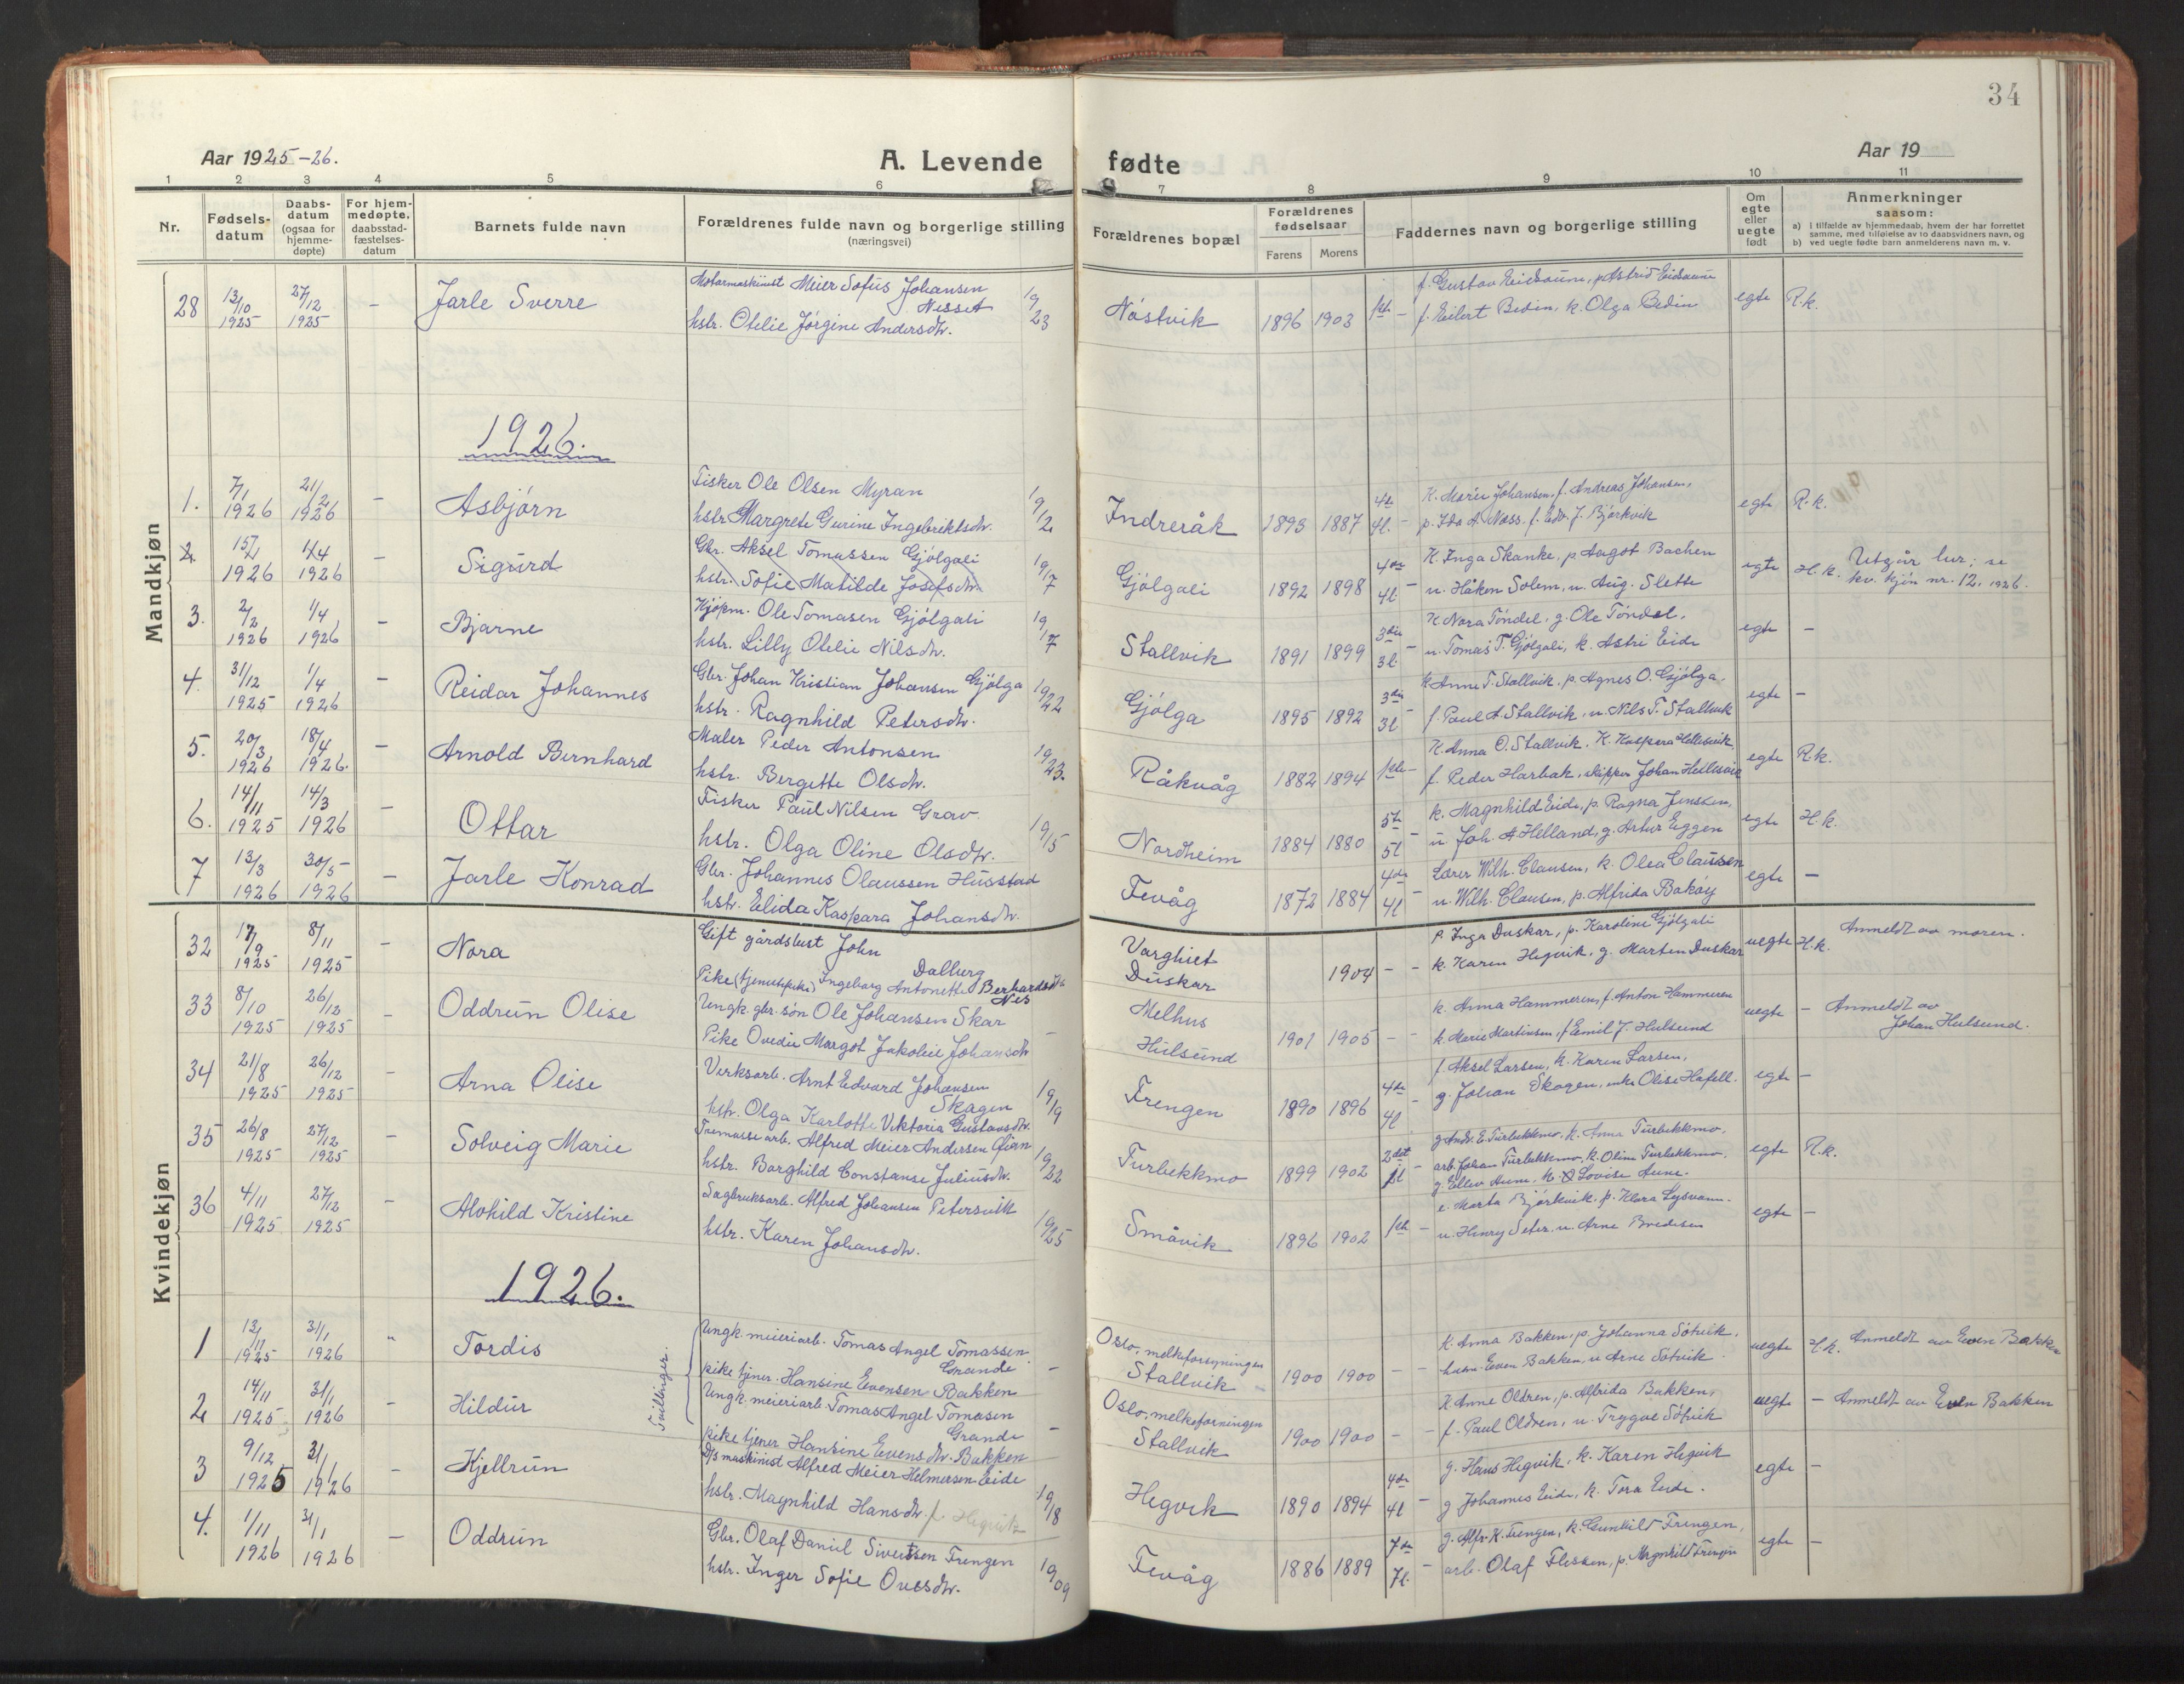 SAT, Ministerialprotokoller, klokkerbøker og fødselsregistre - Sør-Trøndelag, 653/L0658: Klokkerbok nr. 653C02, 1919-1947, s. 34